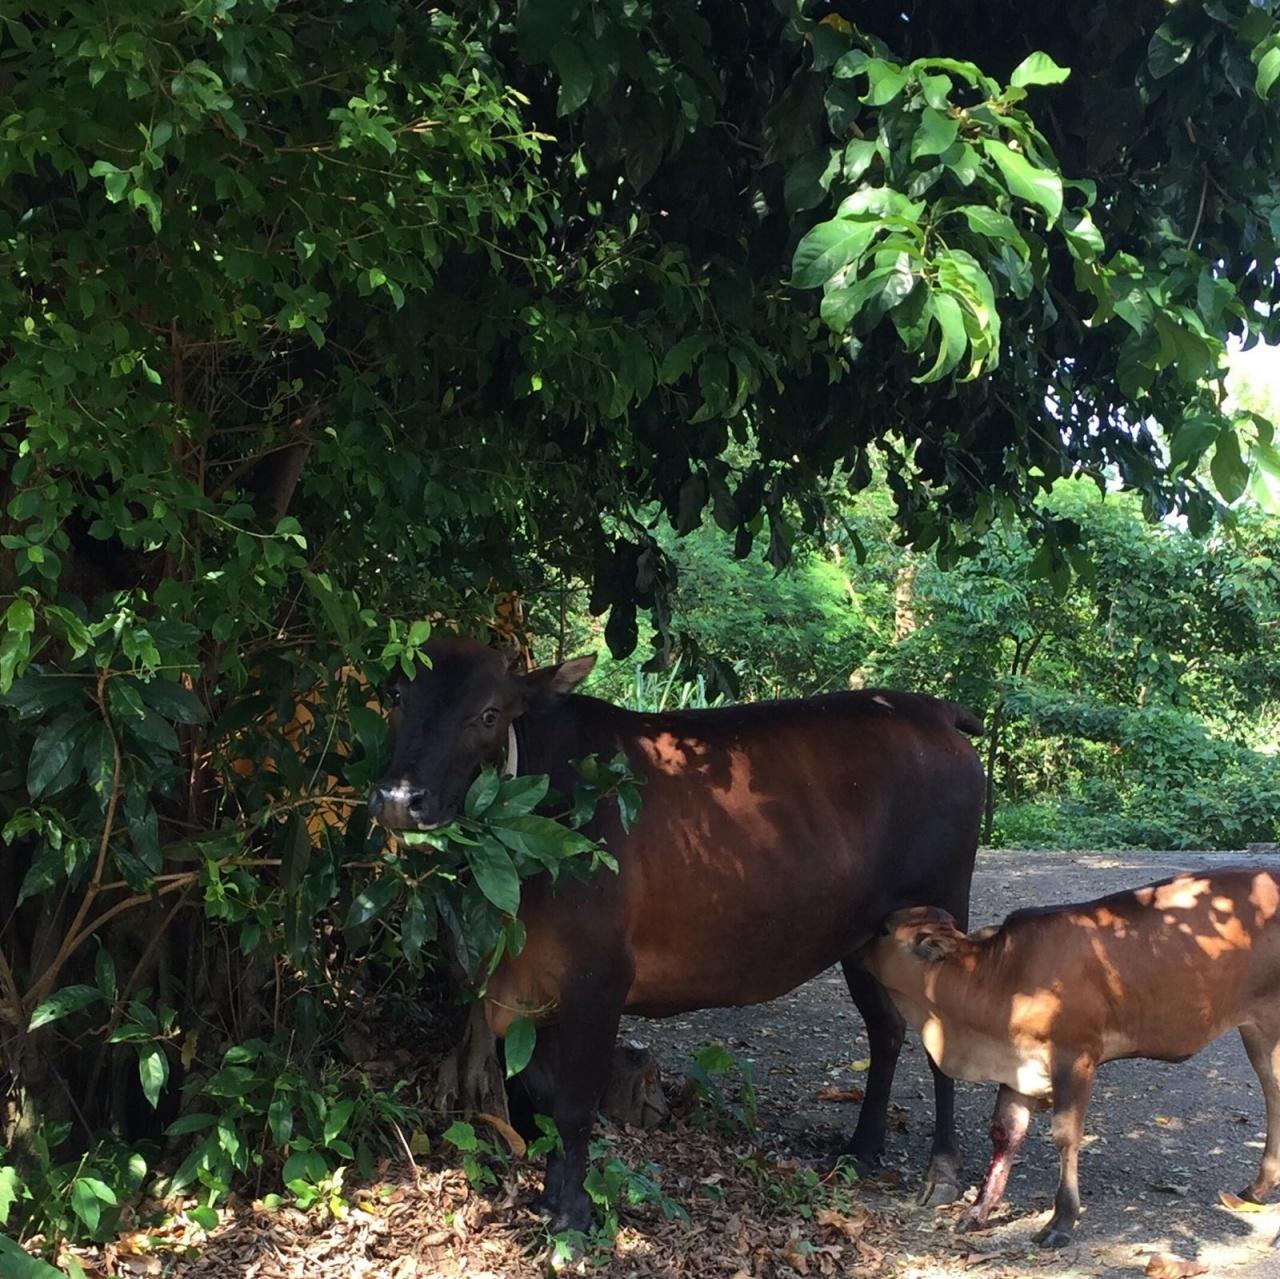 村民指719號小牛於去年6月出世,一直隨媽媽生活並以母乳作主食。漁護署指719號牛康復後亦會調遷。(受訪者攝)